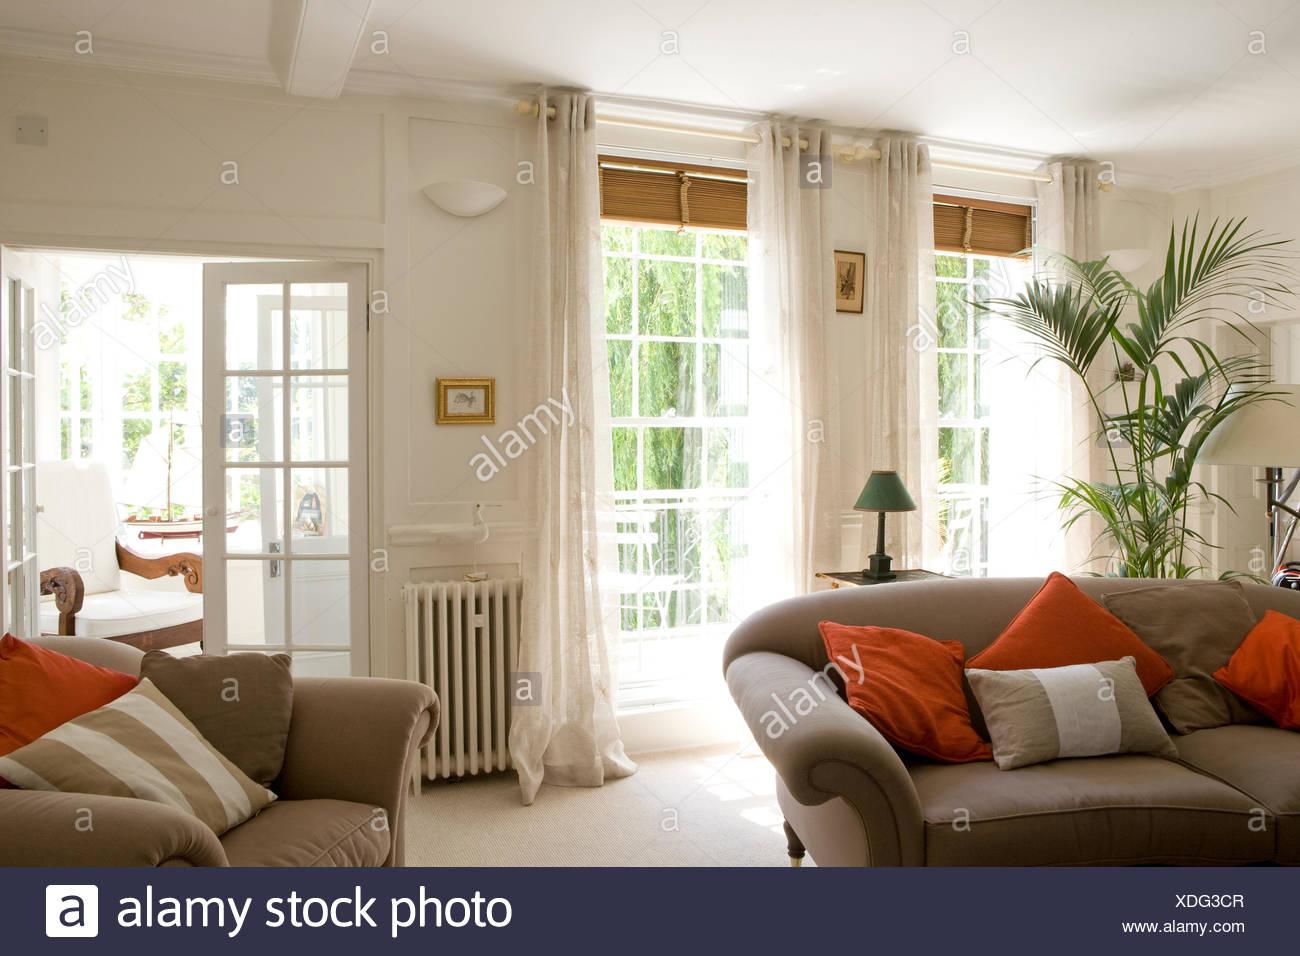 Graue Sofas Mit Roten Kissen In Weissen Land Wohnzimmer Mit Weissen